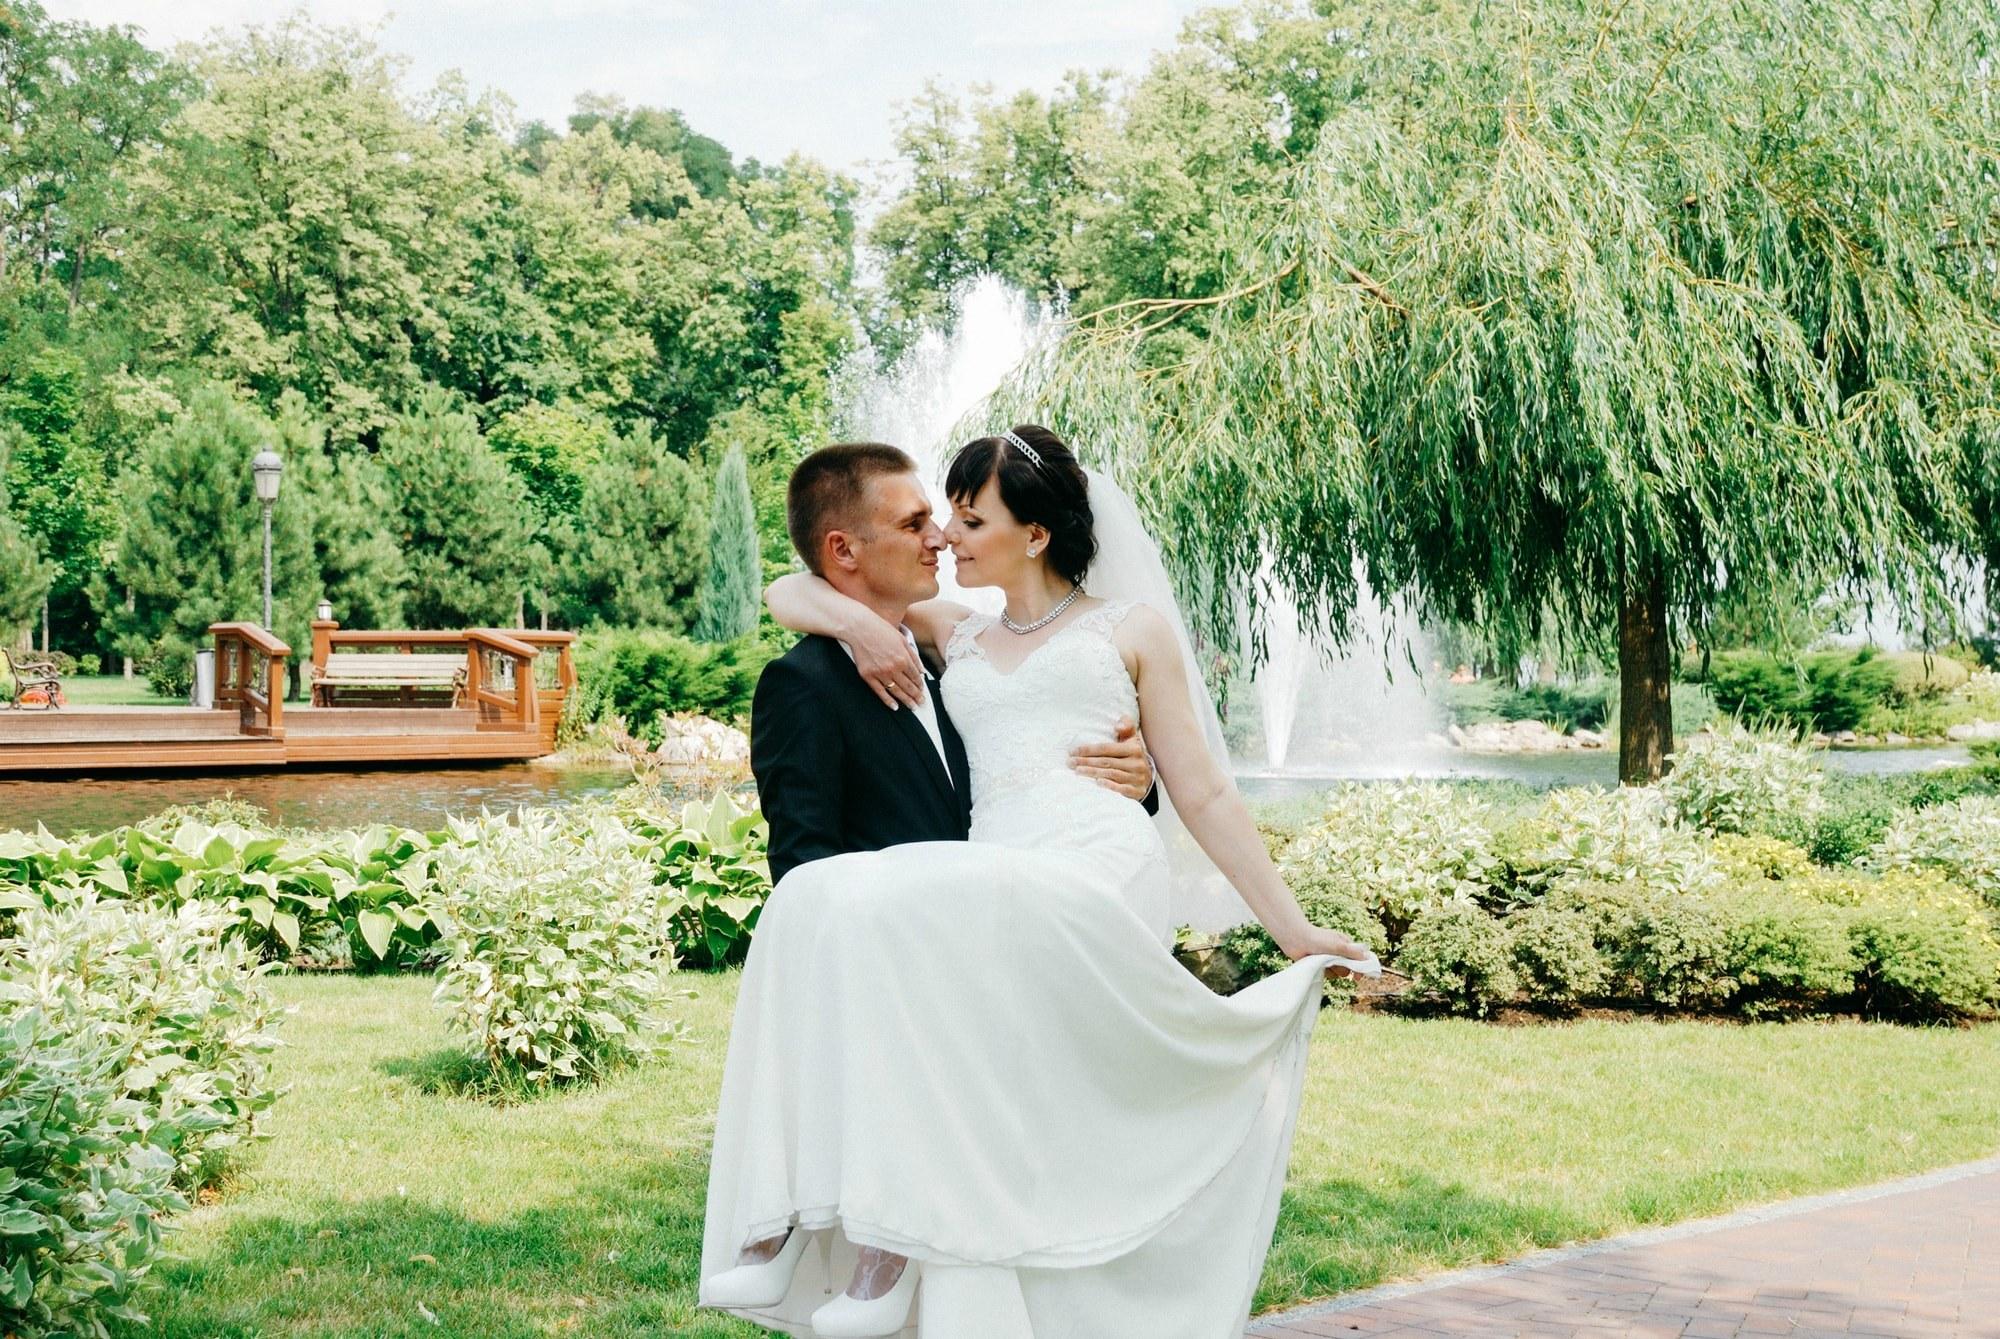 Жених кружит невесту в Межигорье - Фотограф Киев - Женя Лайт